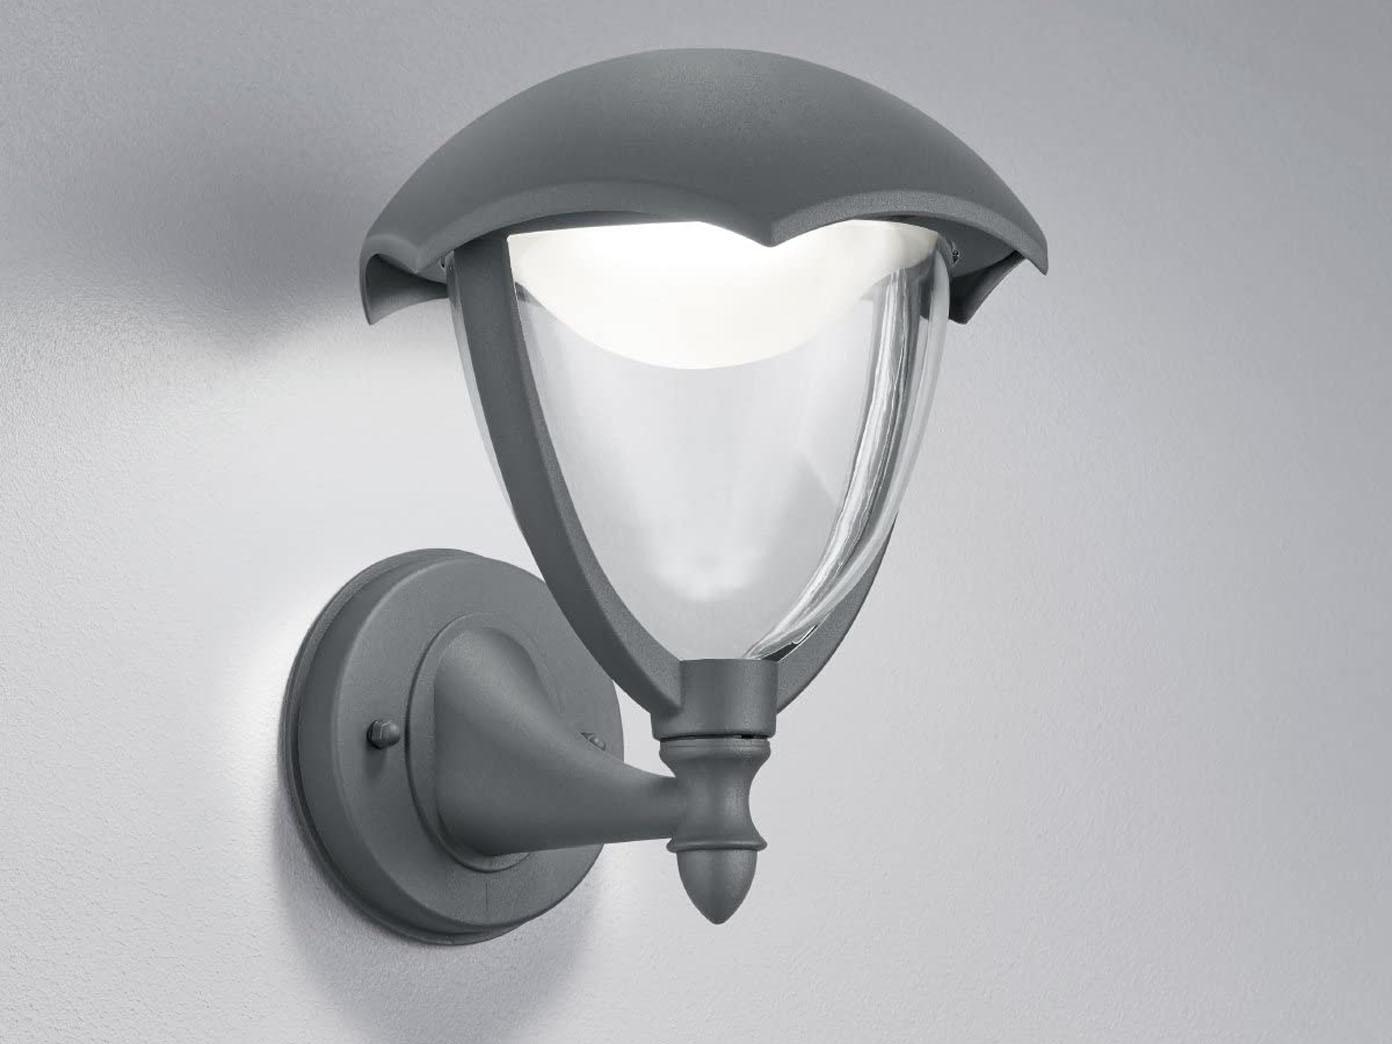 LED Außenlampe GRACHT anthrazit Wandleuchte Laterne Außenbeleuchtung Haus IP54